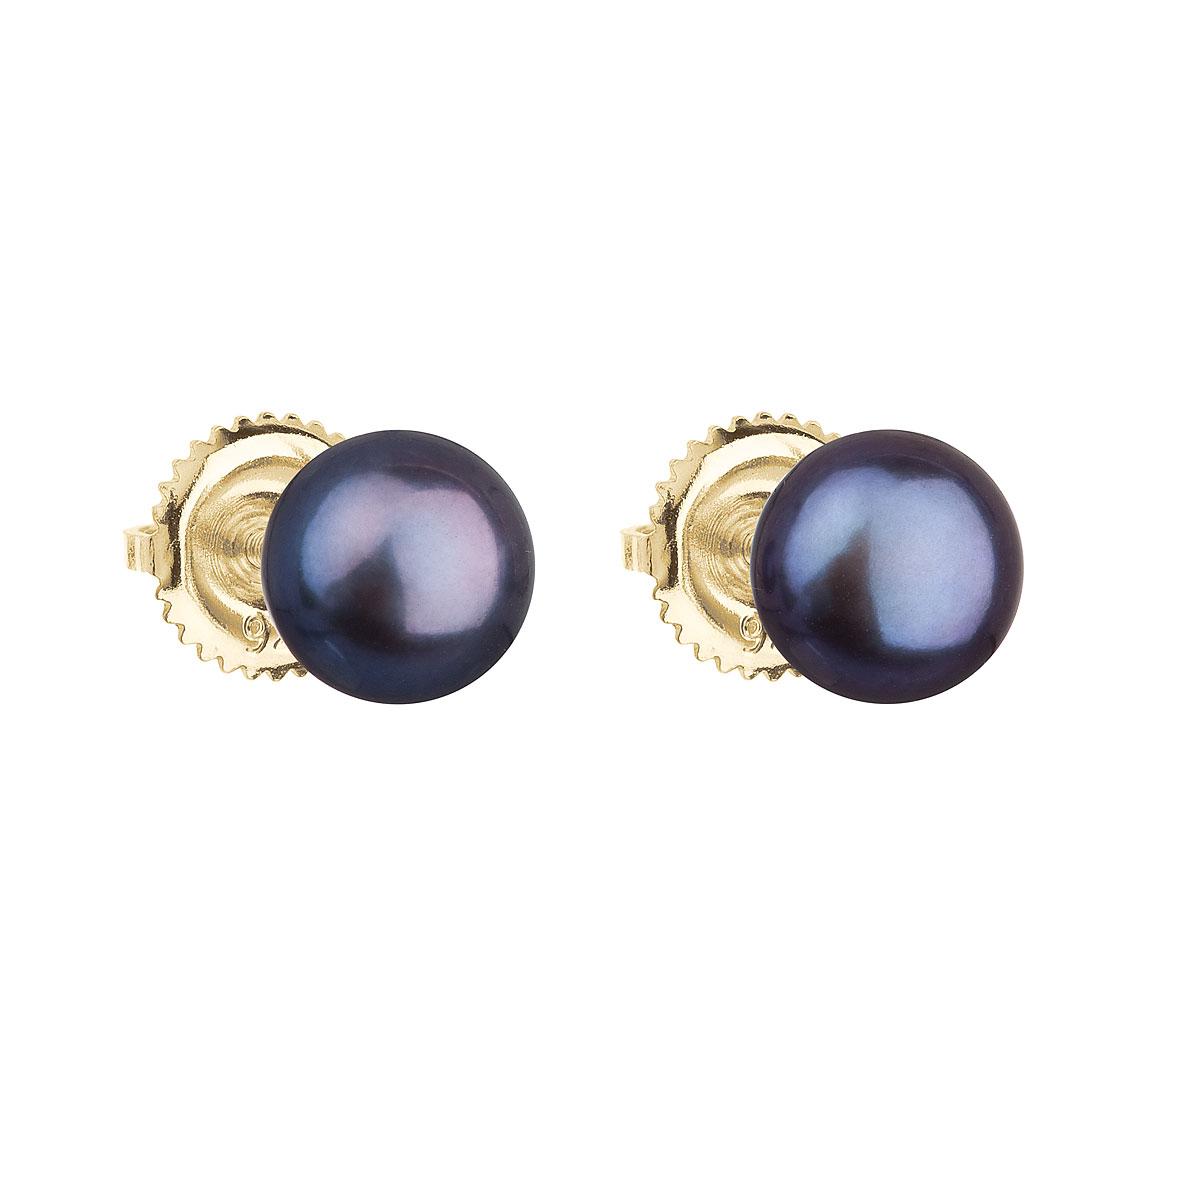 Evolution Group Zlaté 14 karátové náušnice pecky s modrou říční perlou 921004.3